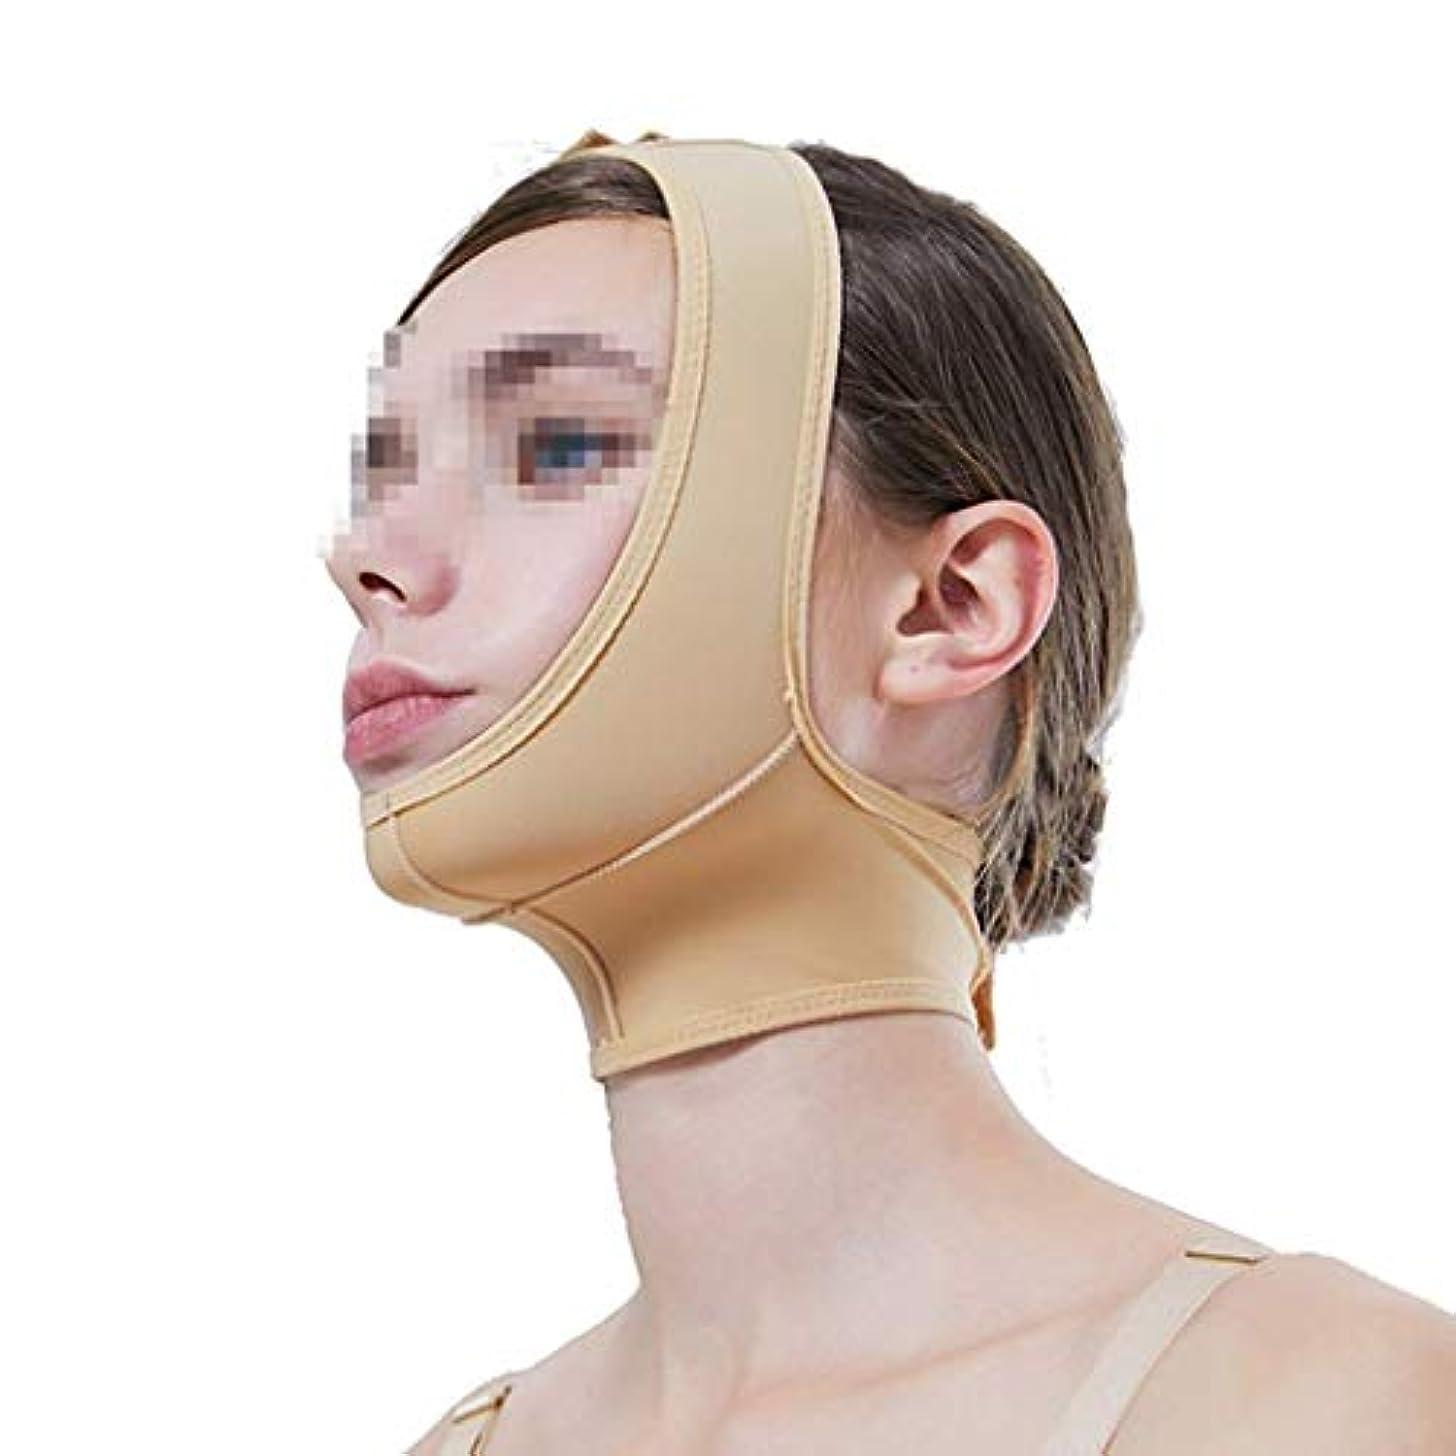 恐怖症相対性理論暴動弾性の薄いフェイスフード、下顎スリーブ術後の弾性スリーブのフェイスVフェイスマスク付きの薄いダブルチンビーストバーマルチサイズオプション(サイズ:M)